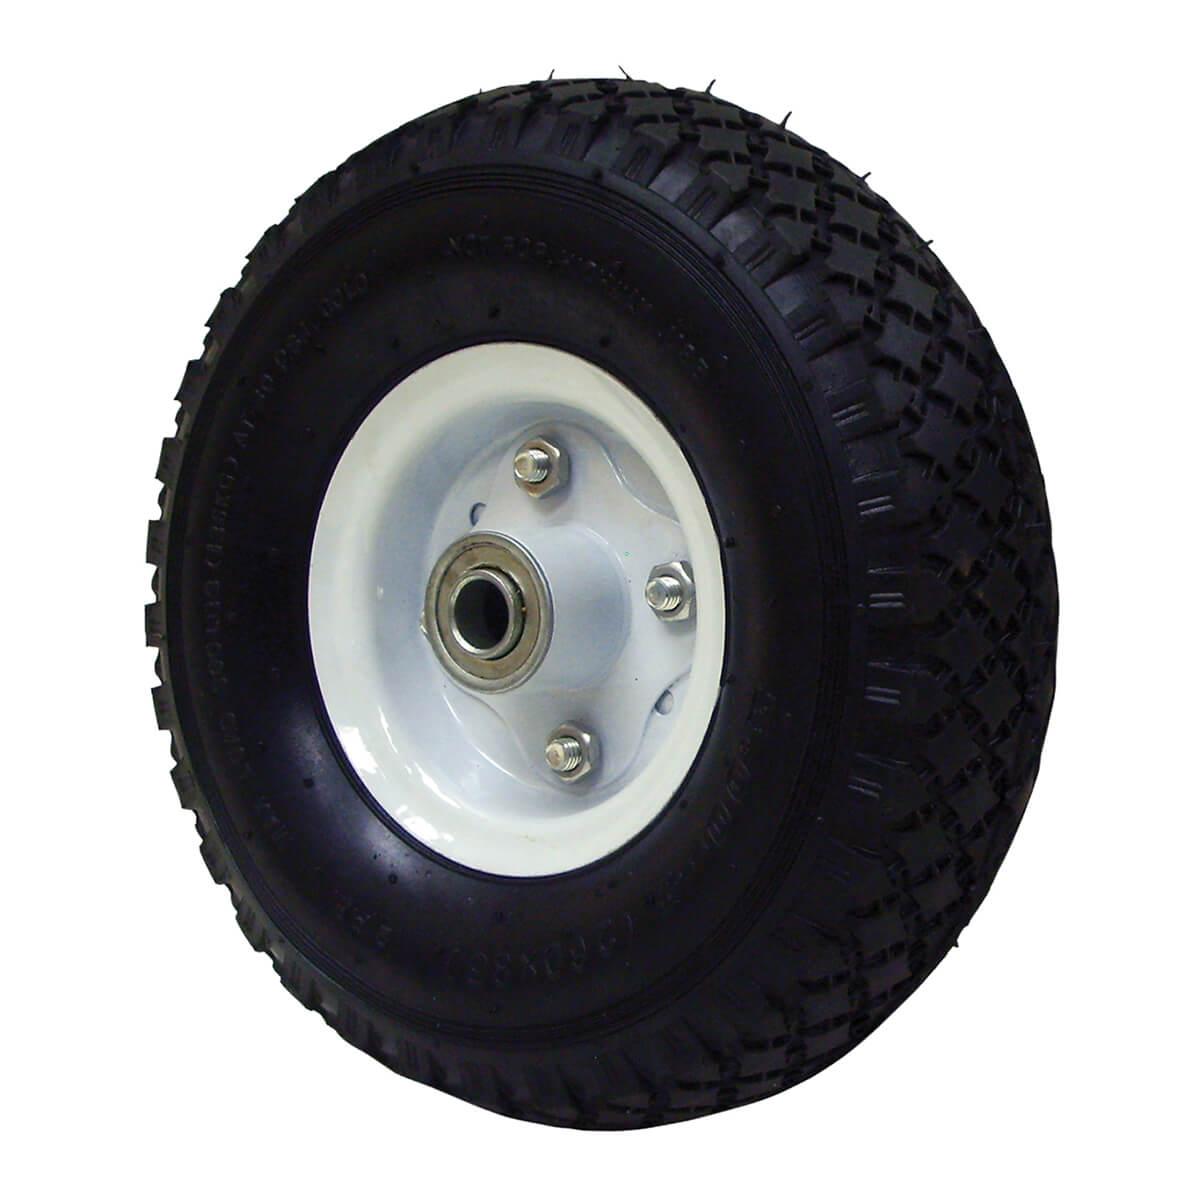 Pneumatic Hand Truck Wheel 3.00 R4